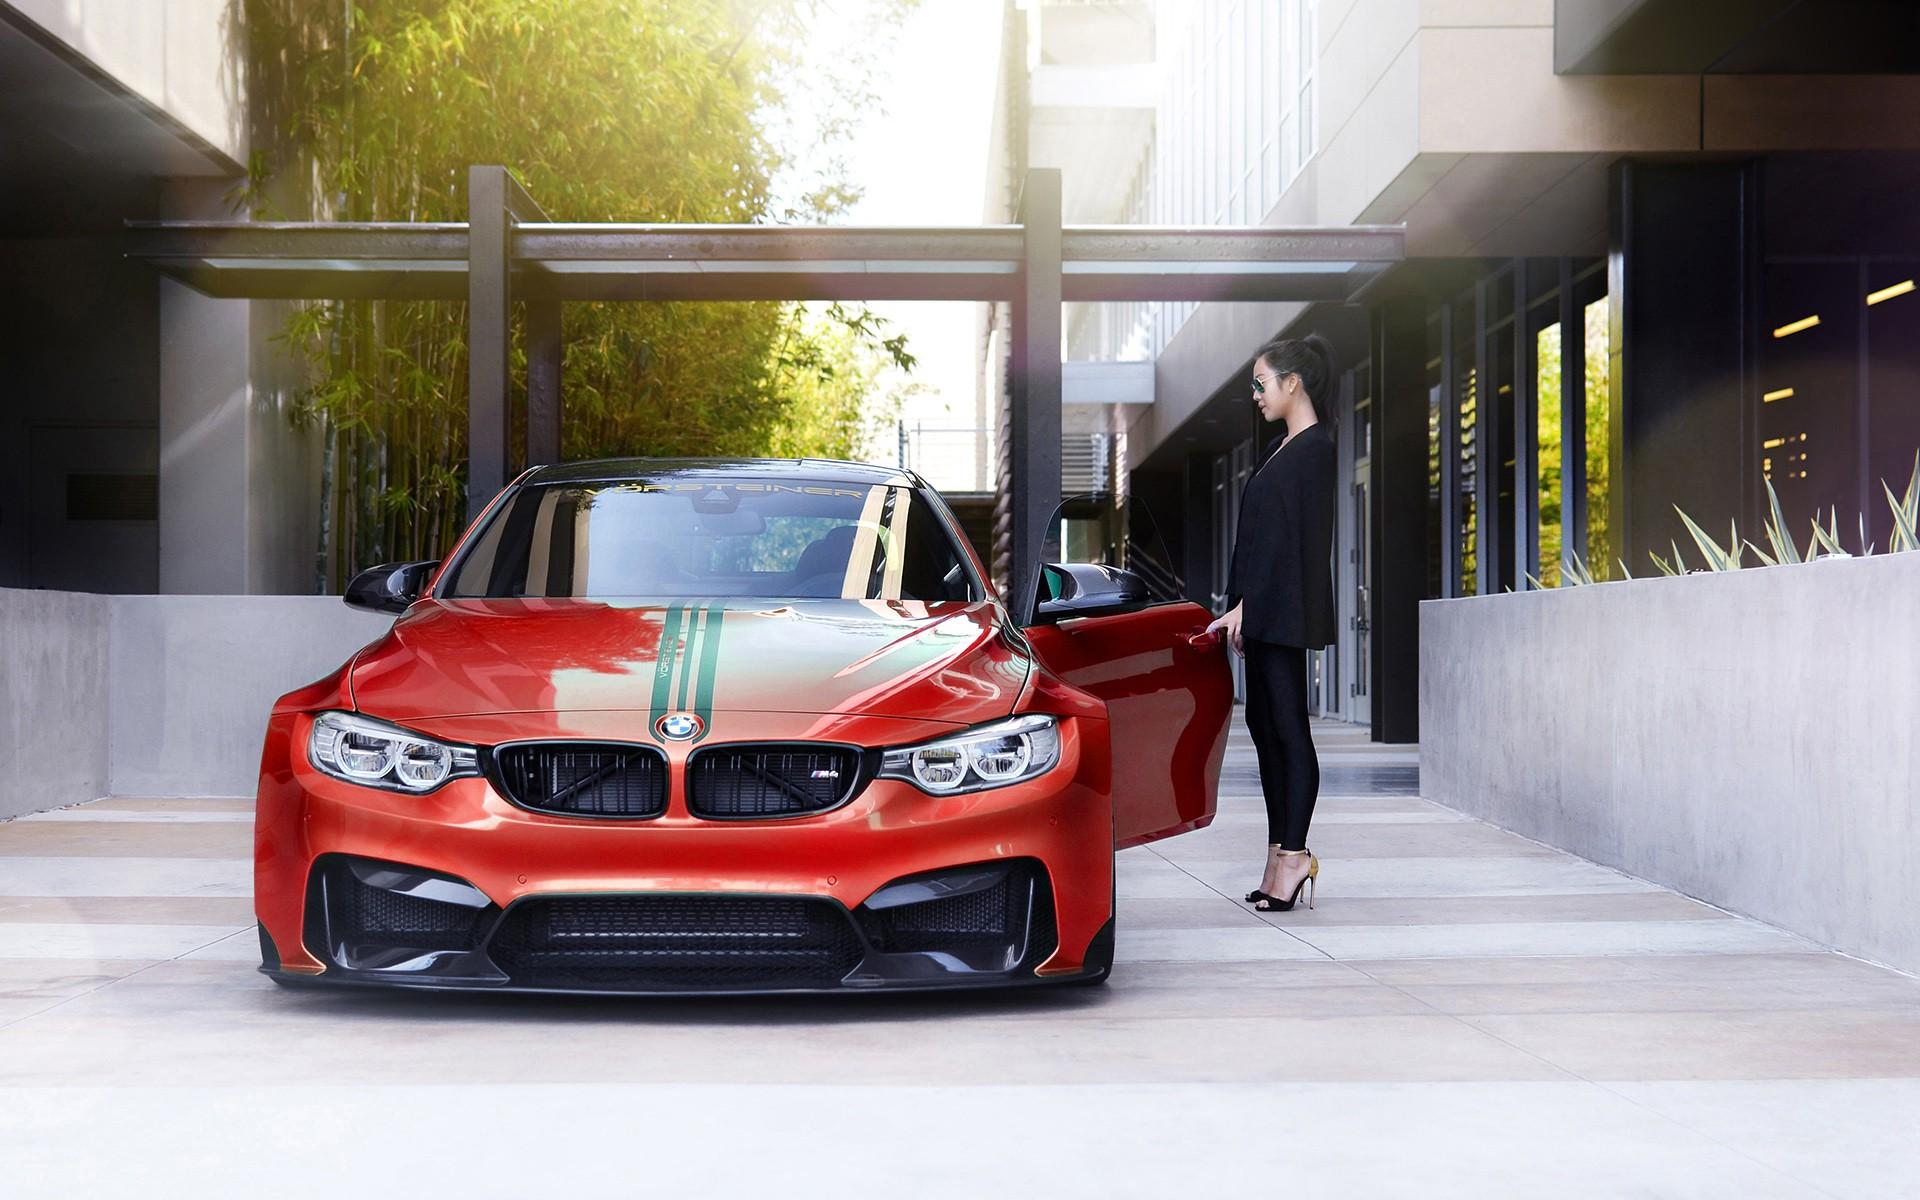 Vorsteiner BMW M4 GTRS4 Widebody Wallpaper HD Car